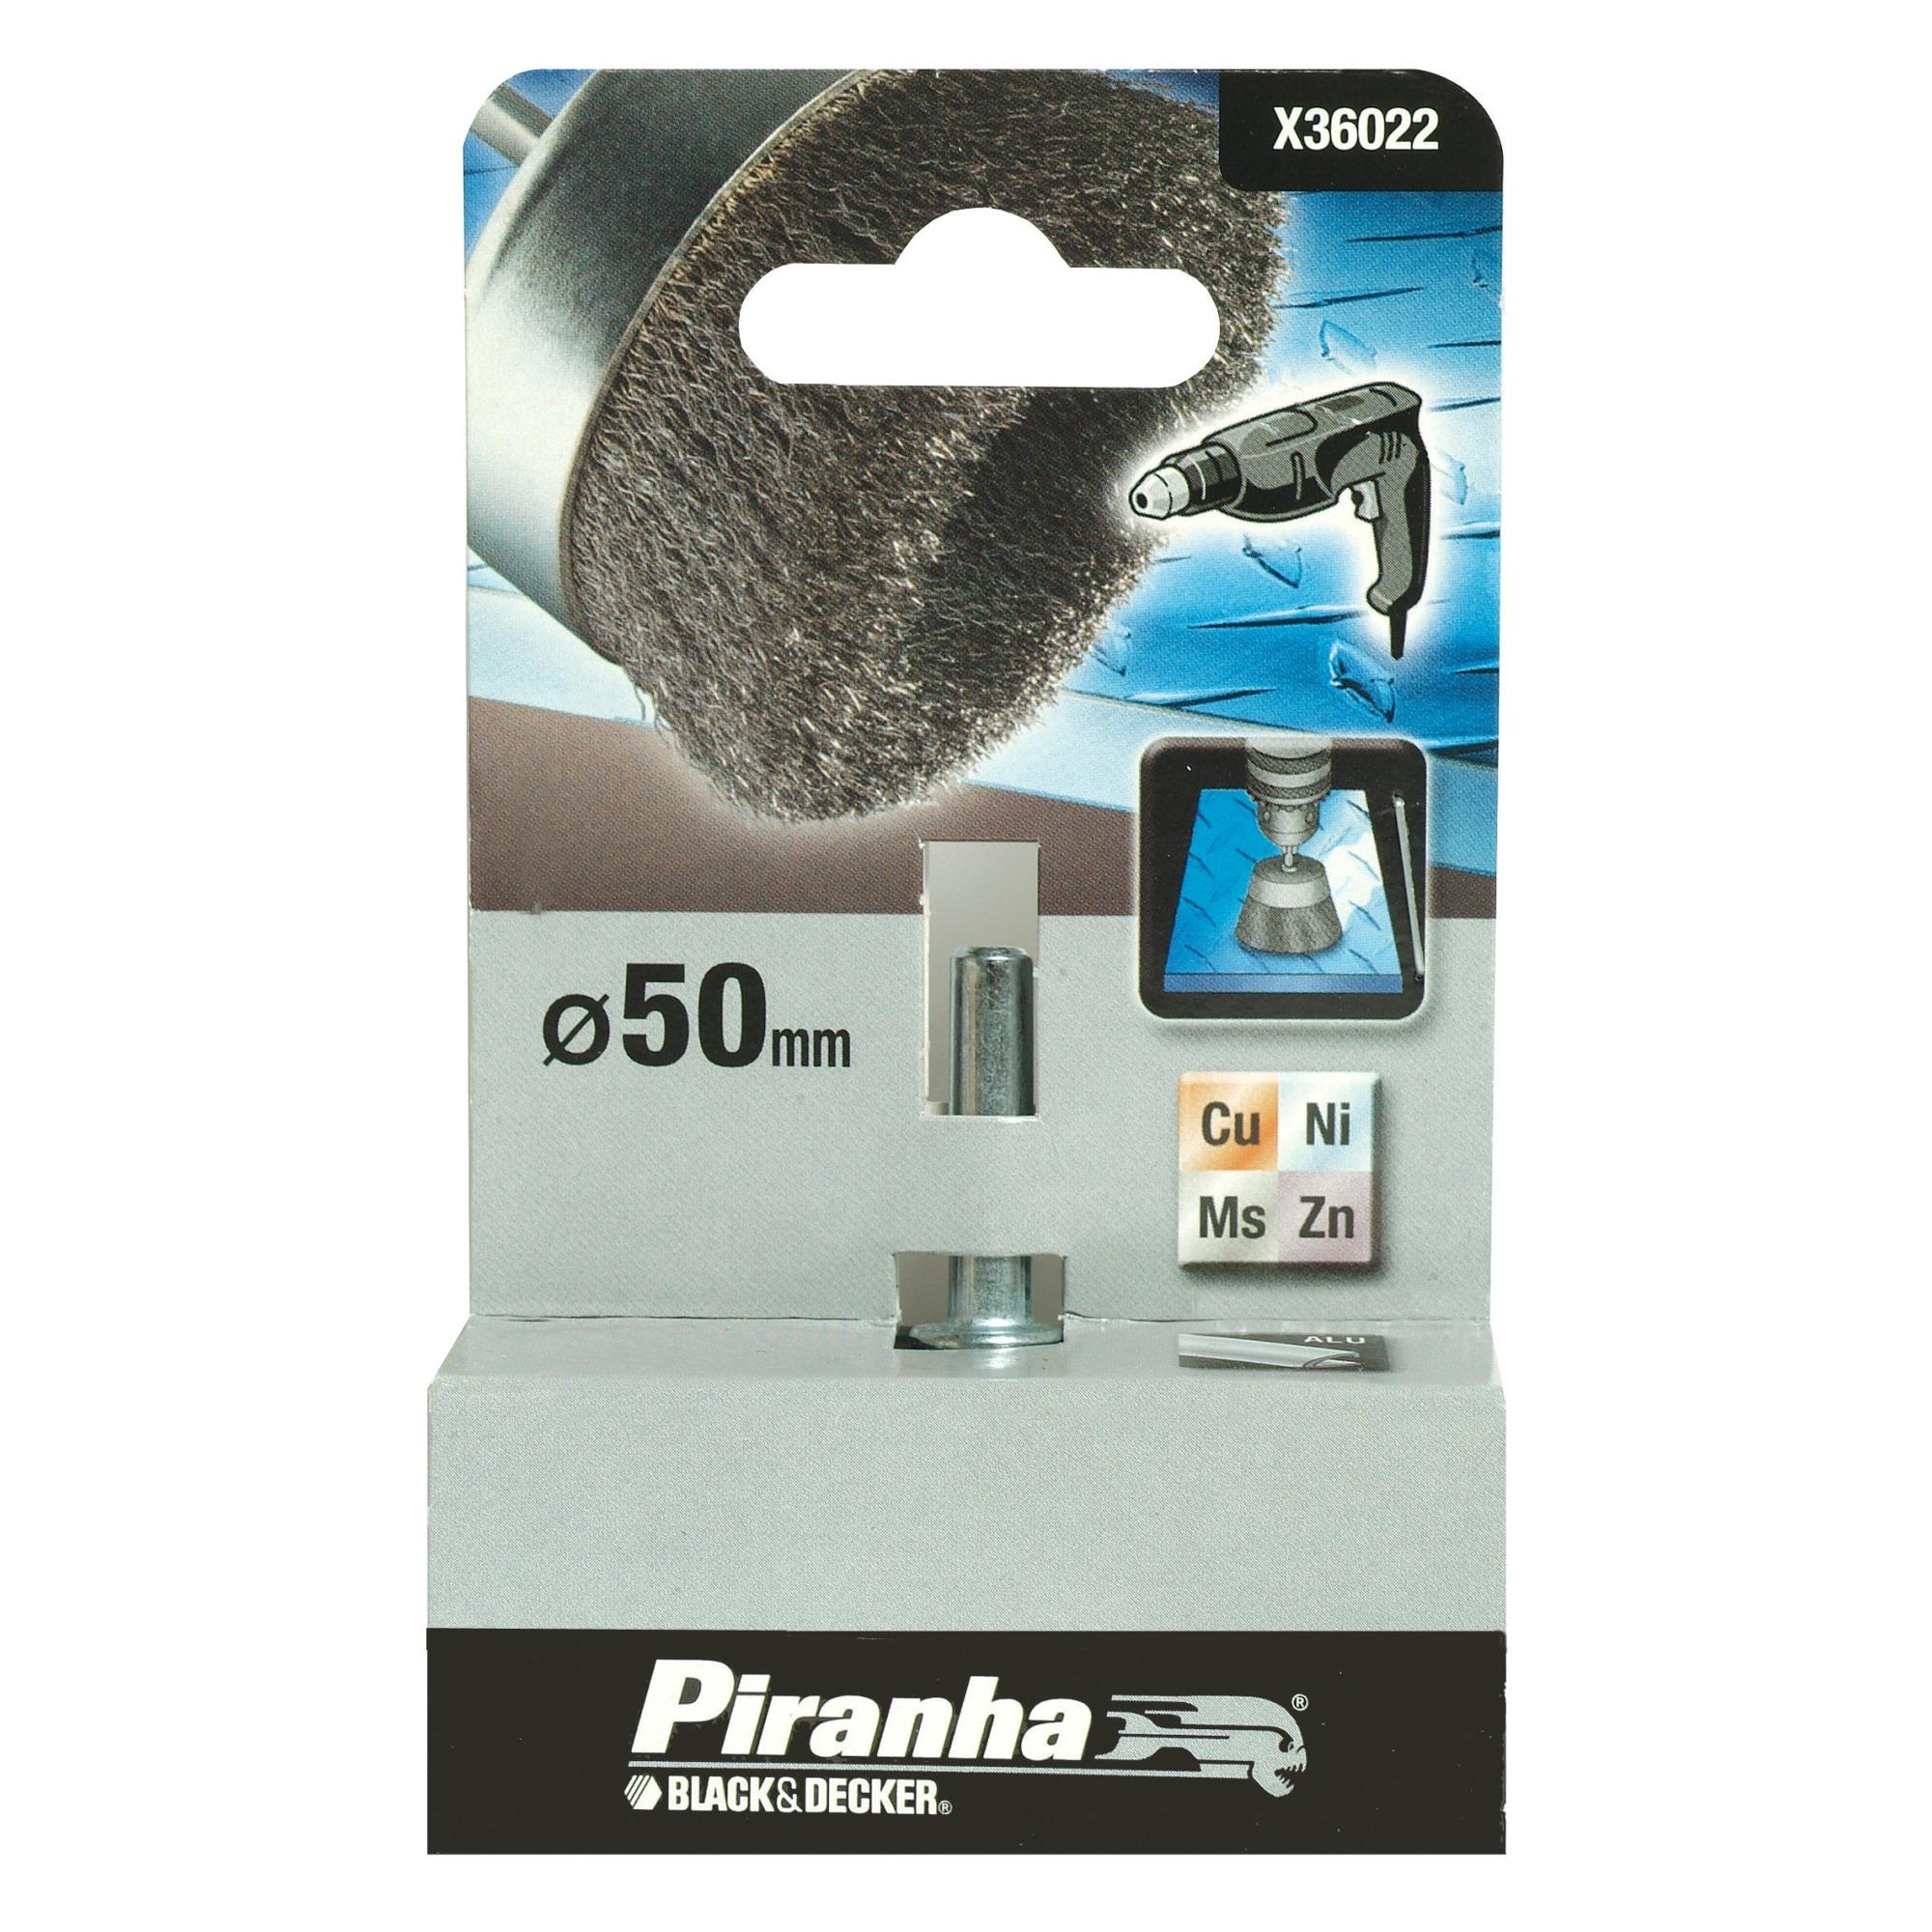 Piranha komstaaldraadborstel X36022-XJ rvs 50 mm voor metaal